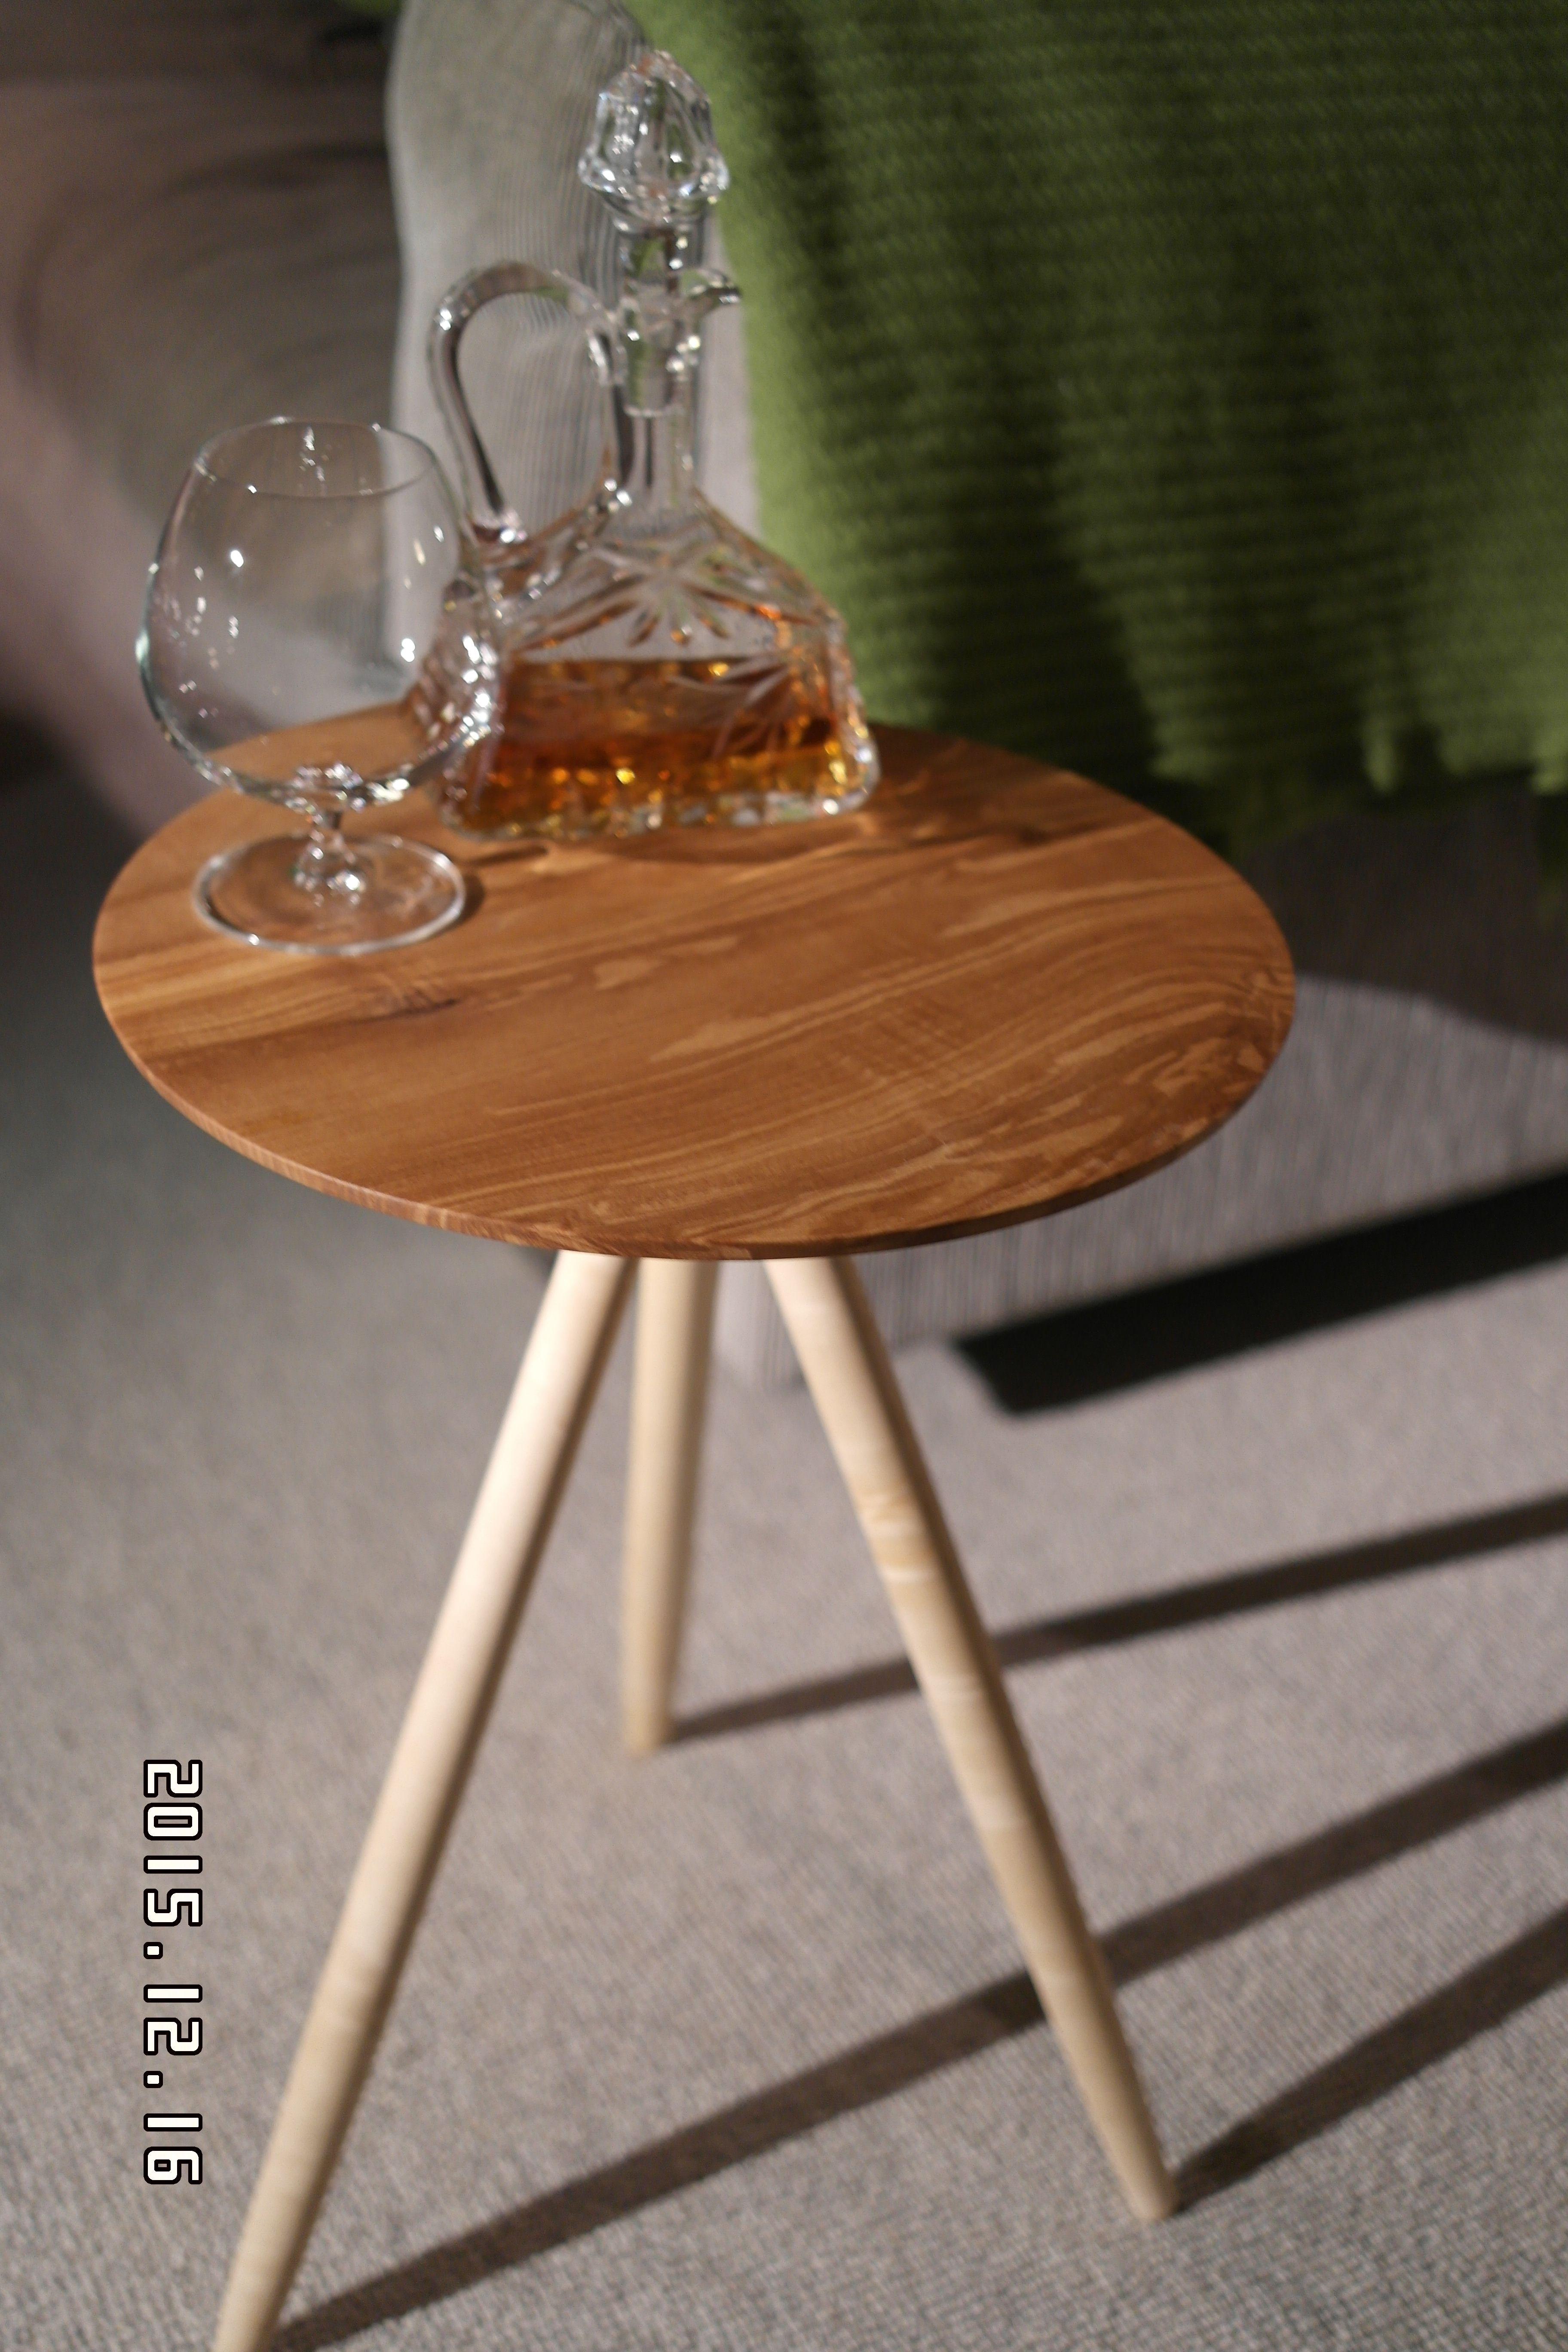 lille bord Lille bord i Ask og Ahorn | Torbens trædrejerier (woodturning  lille bord